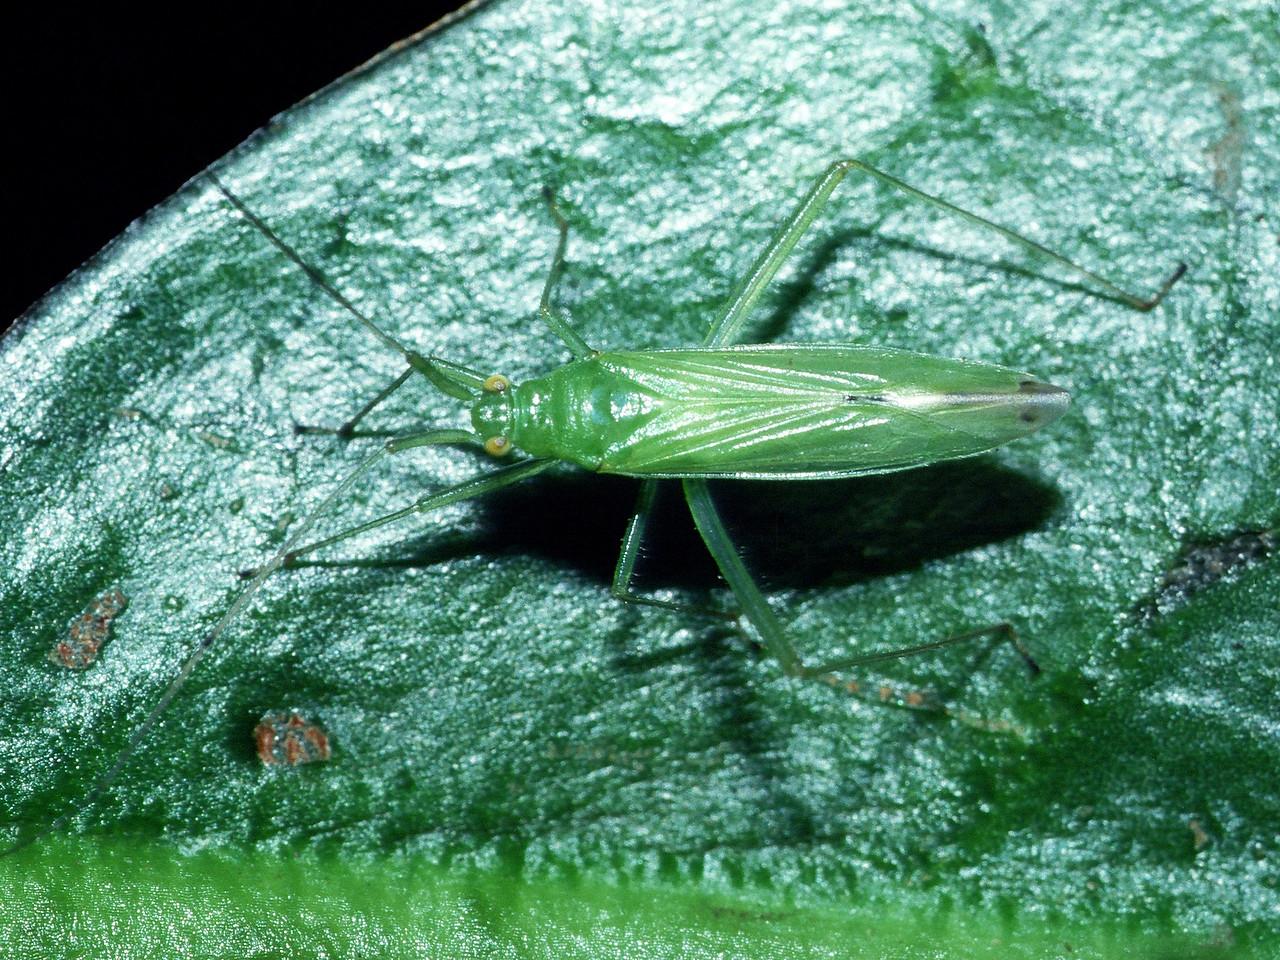 Nesiomiris sp. (Miridae) on Ilex anomala, East Maui